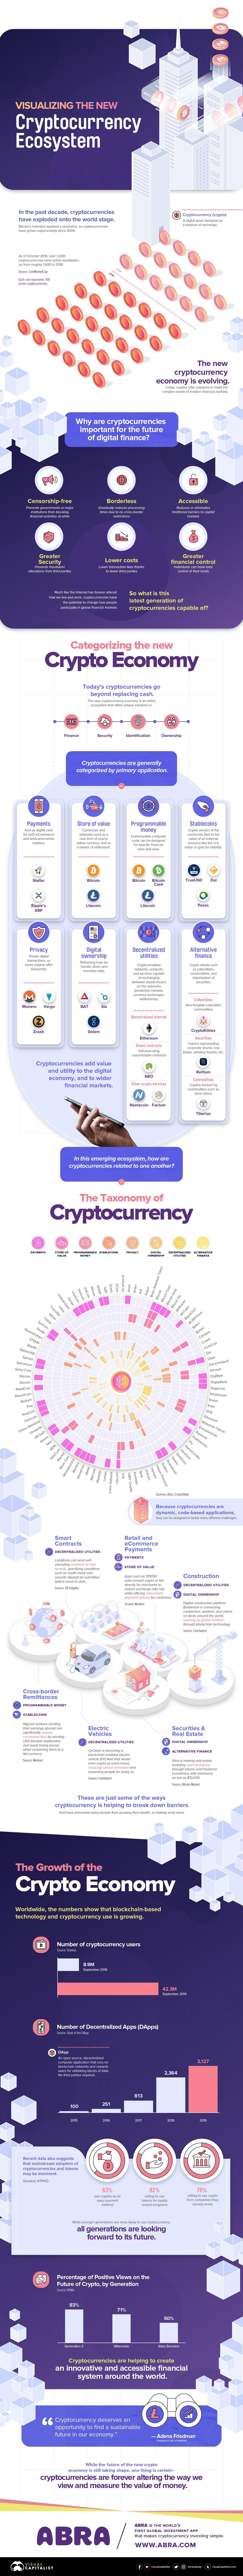 bitcoin ecosystem pinterest)